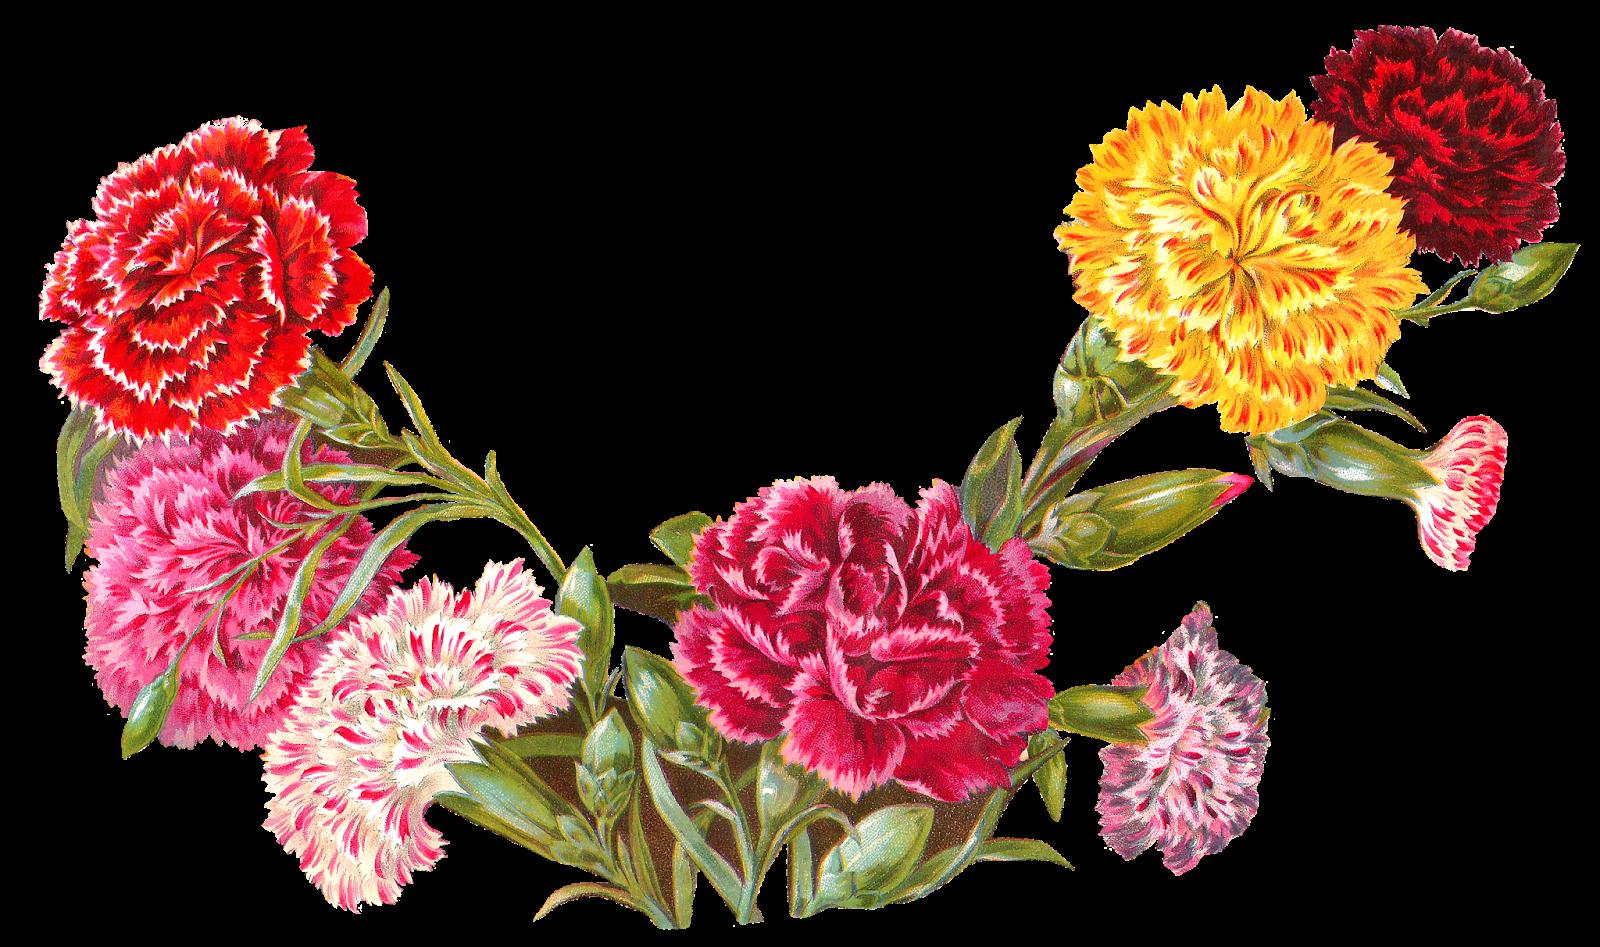 Bright flower border clipart banner transparent download Antique Images: Old Botanical Art Carnation Illustration Digital ... banner transparent download